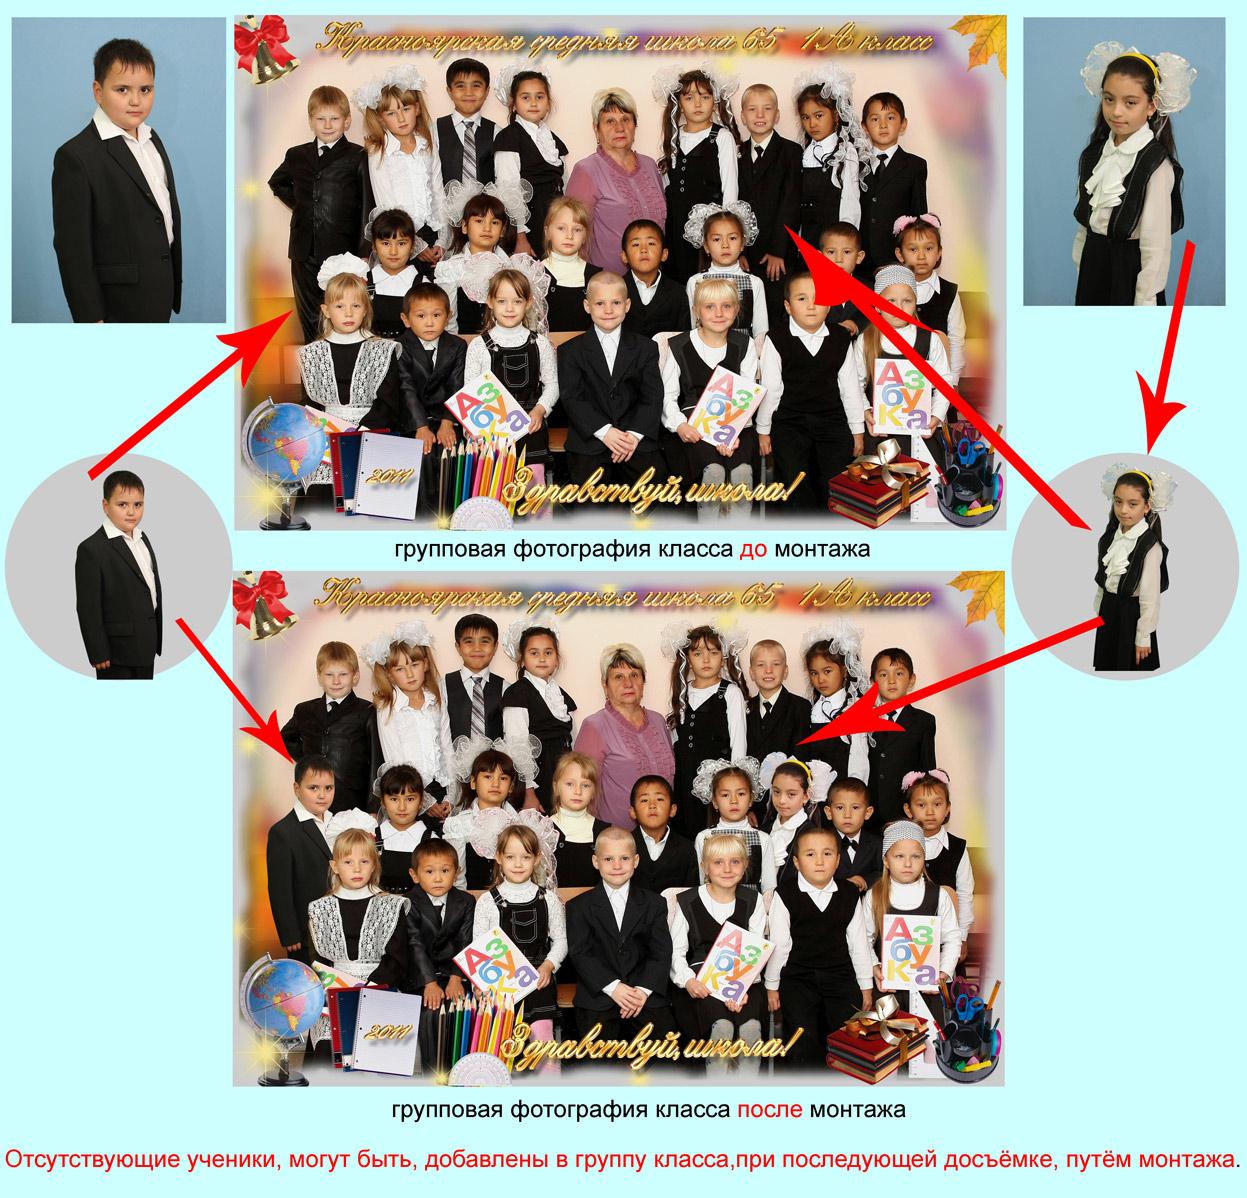 простой фотомонтаж, добавление двух учеников